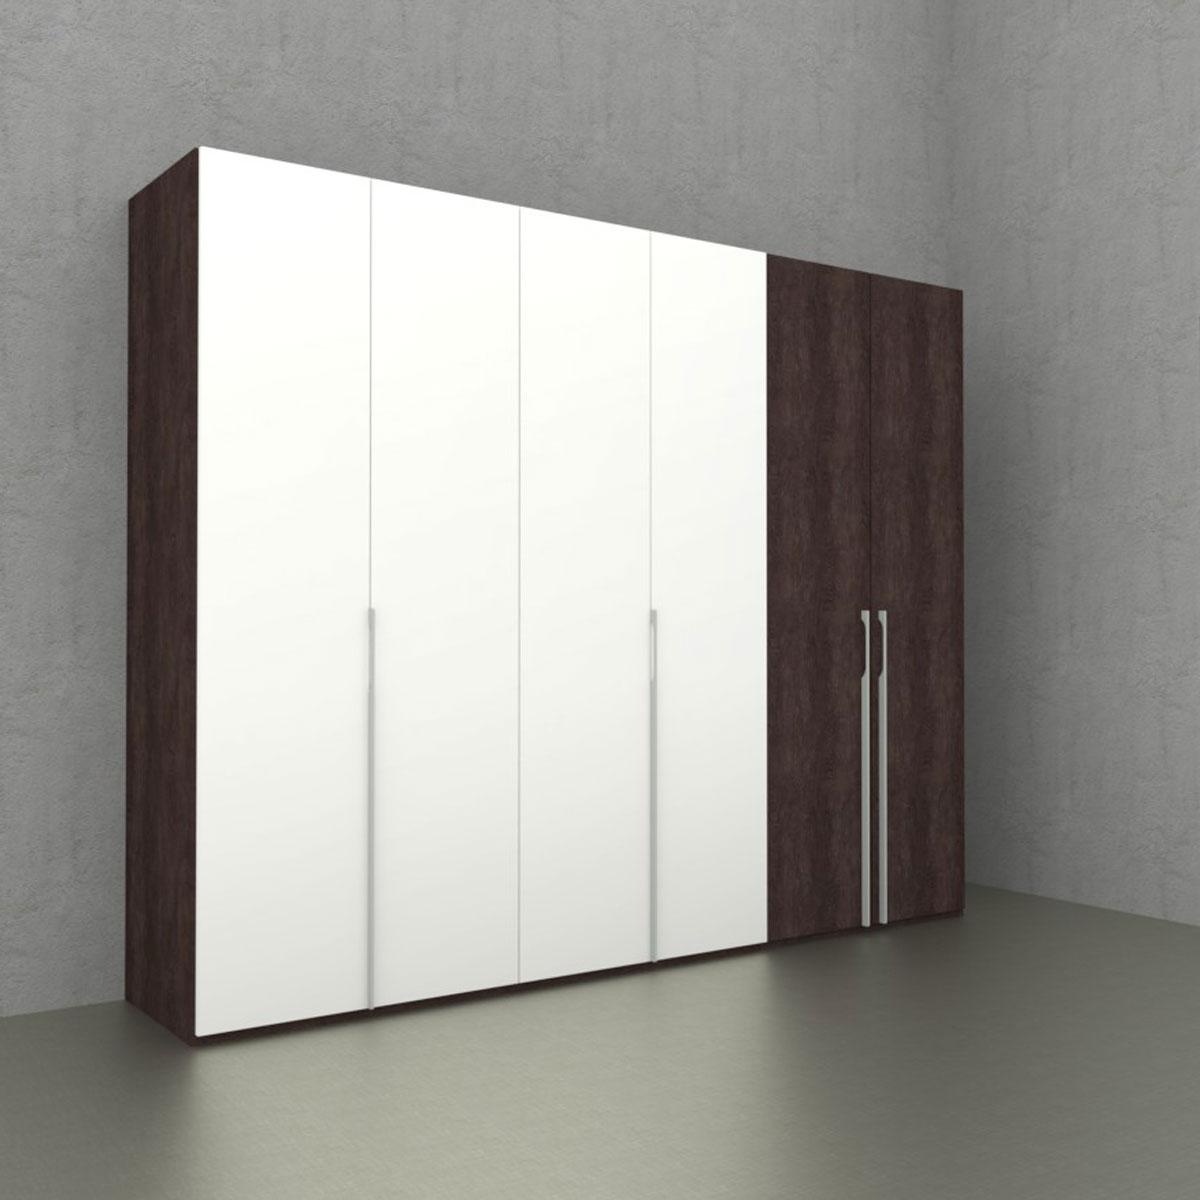 Nolte Möbel Concept Me 100 Kleiderschrank 6-türig Kombination aus  Falttüren- und Drehtüren - Front Mix aus Dekor Eiche-Nachbildung dark  chocolate und ...